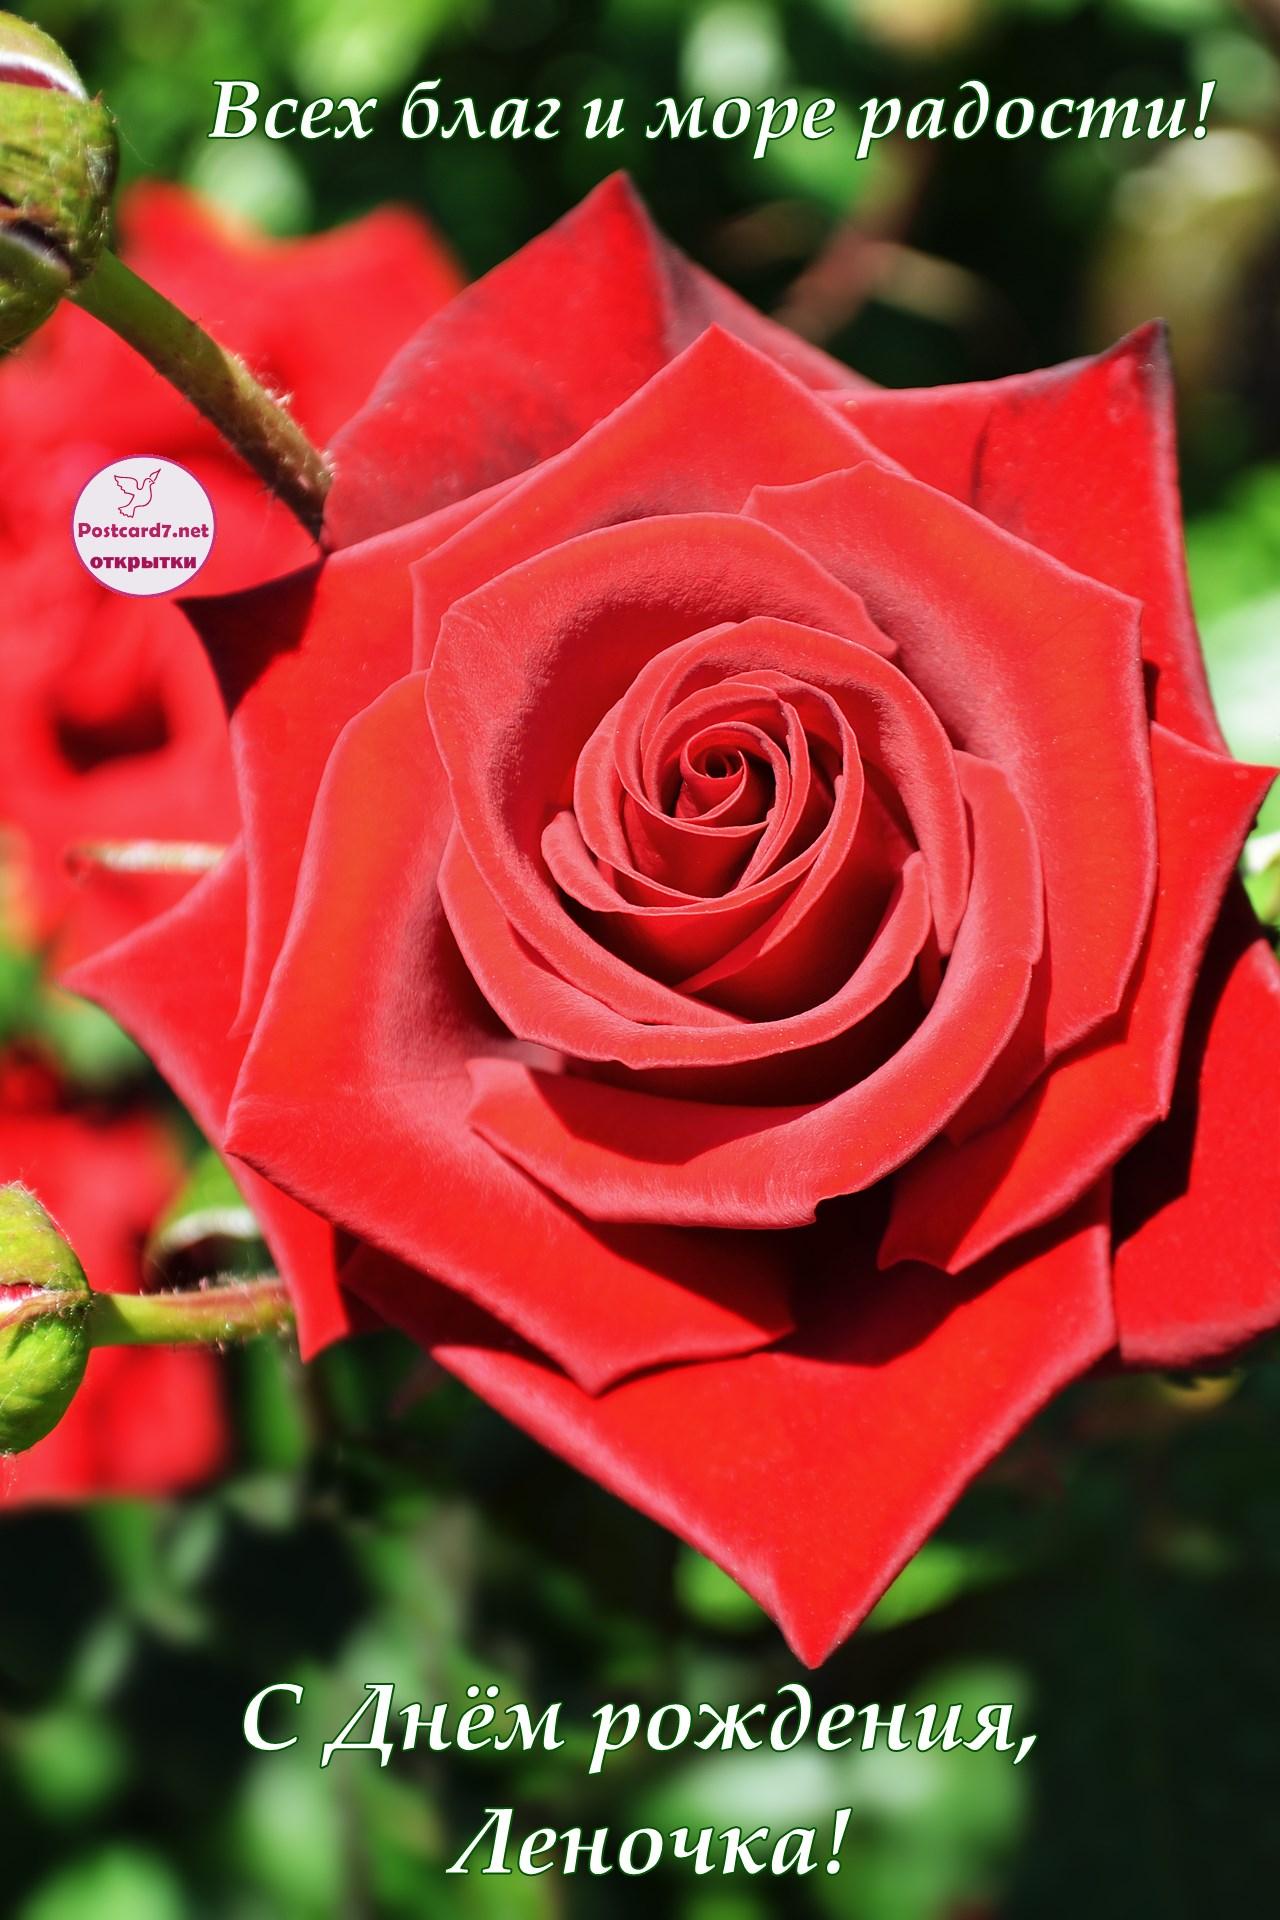 Открытки с днем рождения с розами елене, квиллинга пошагово